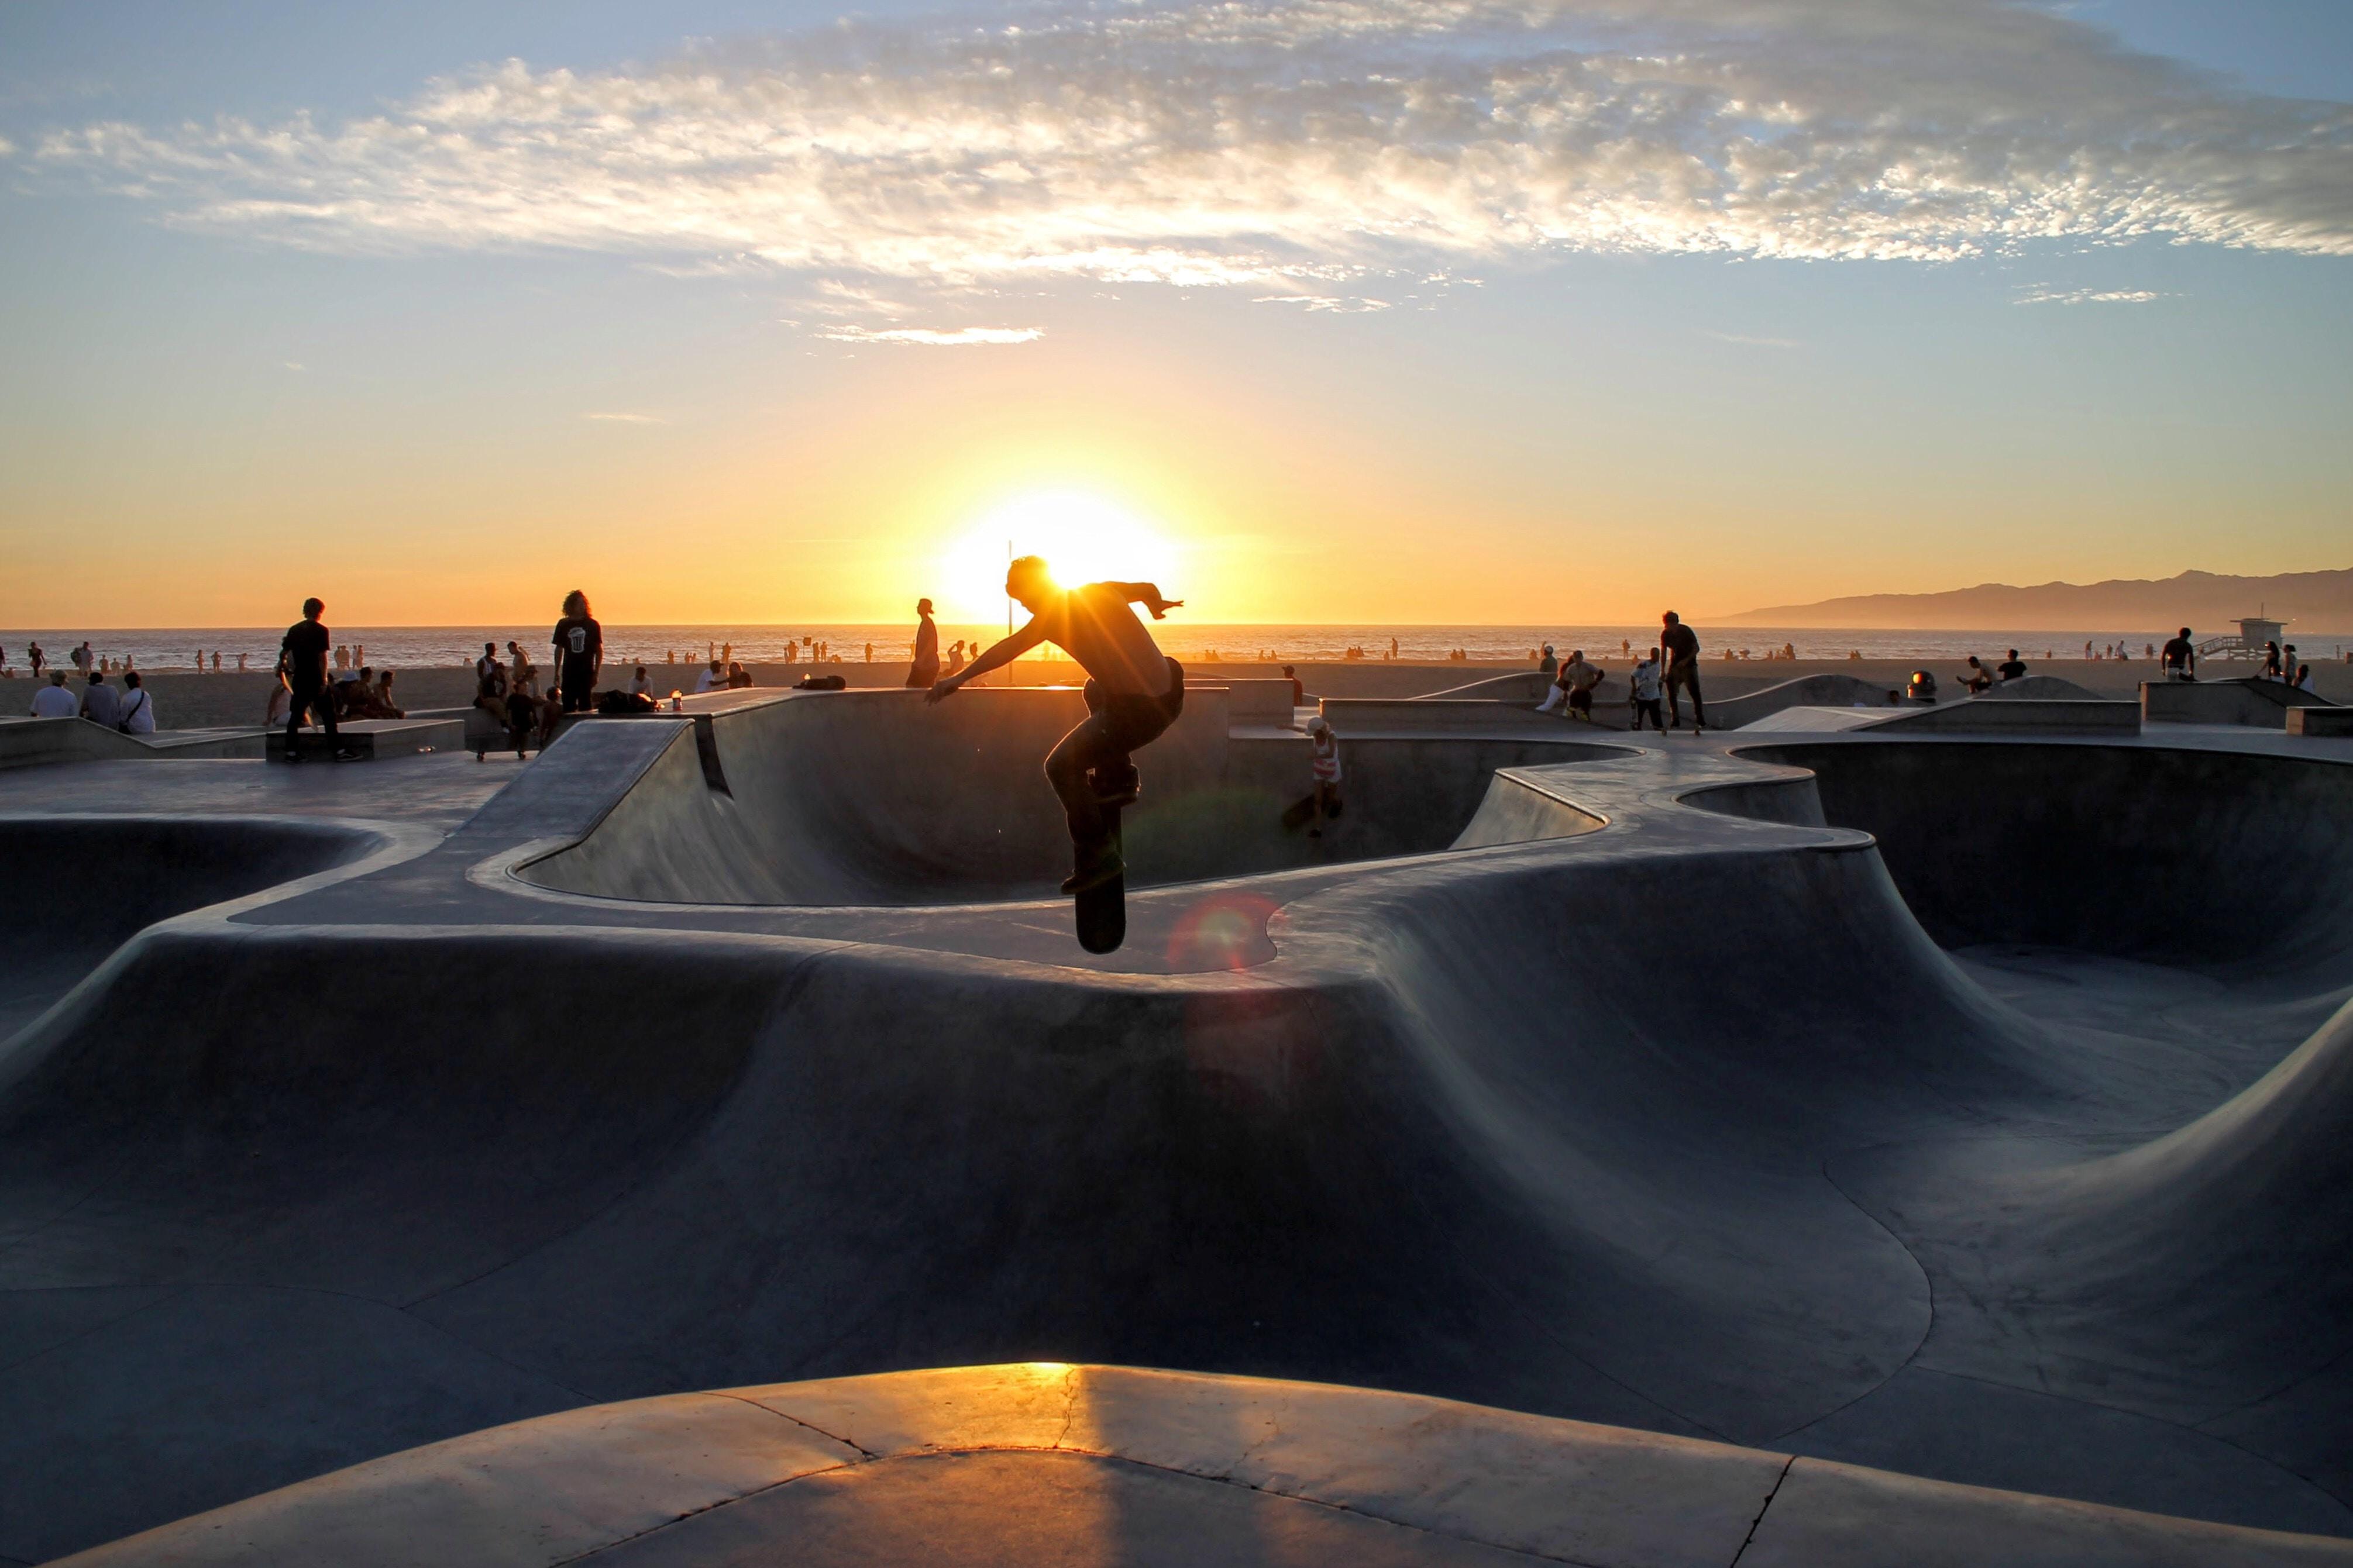 Free Unsplash photo from Matteo Paganelli